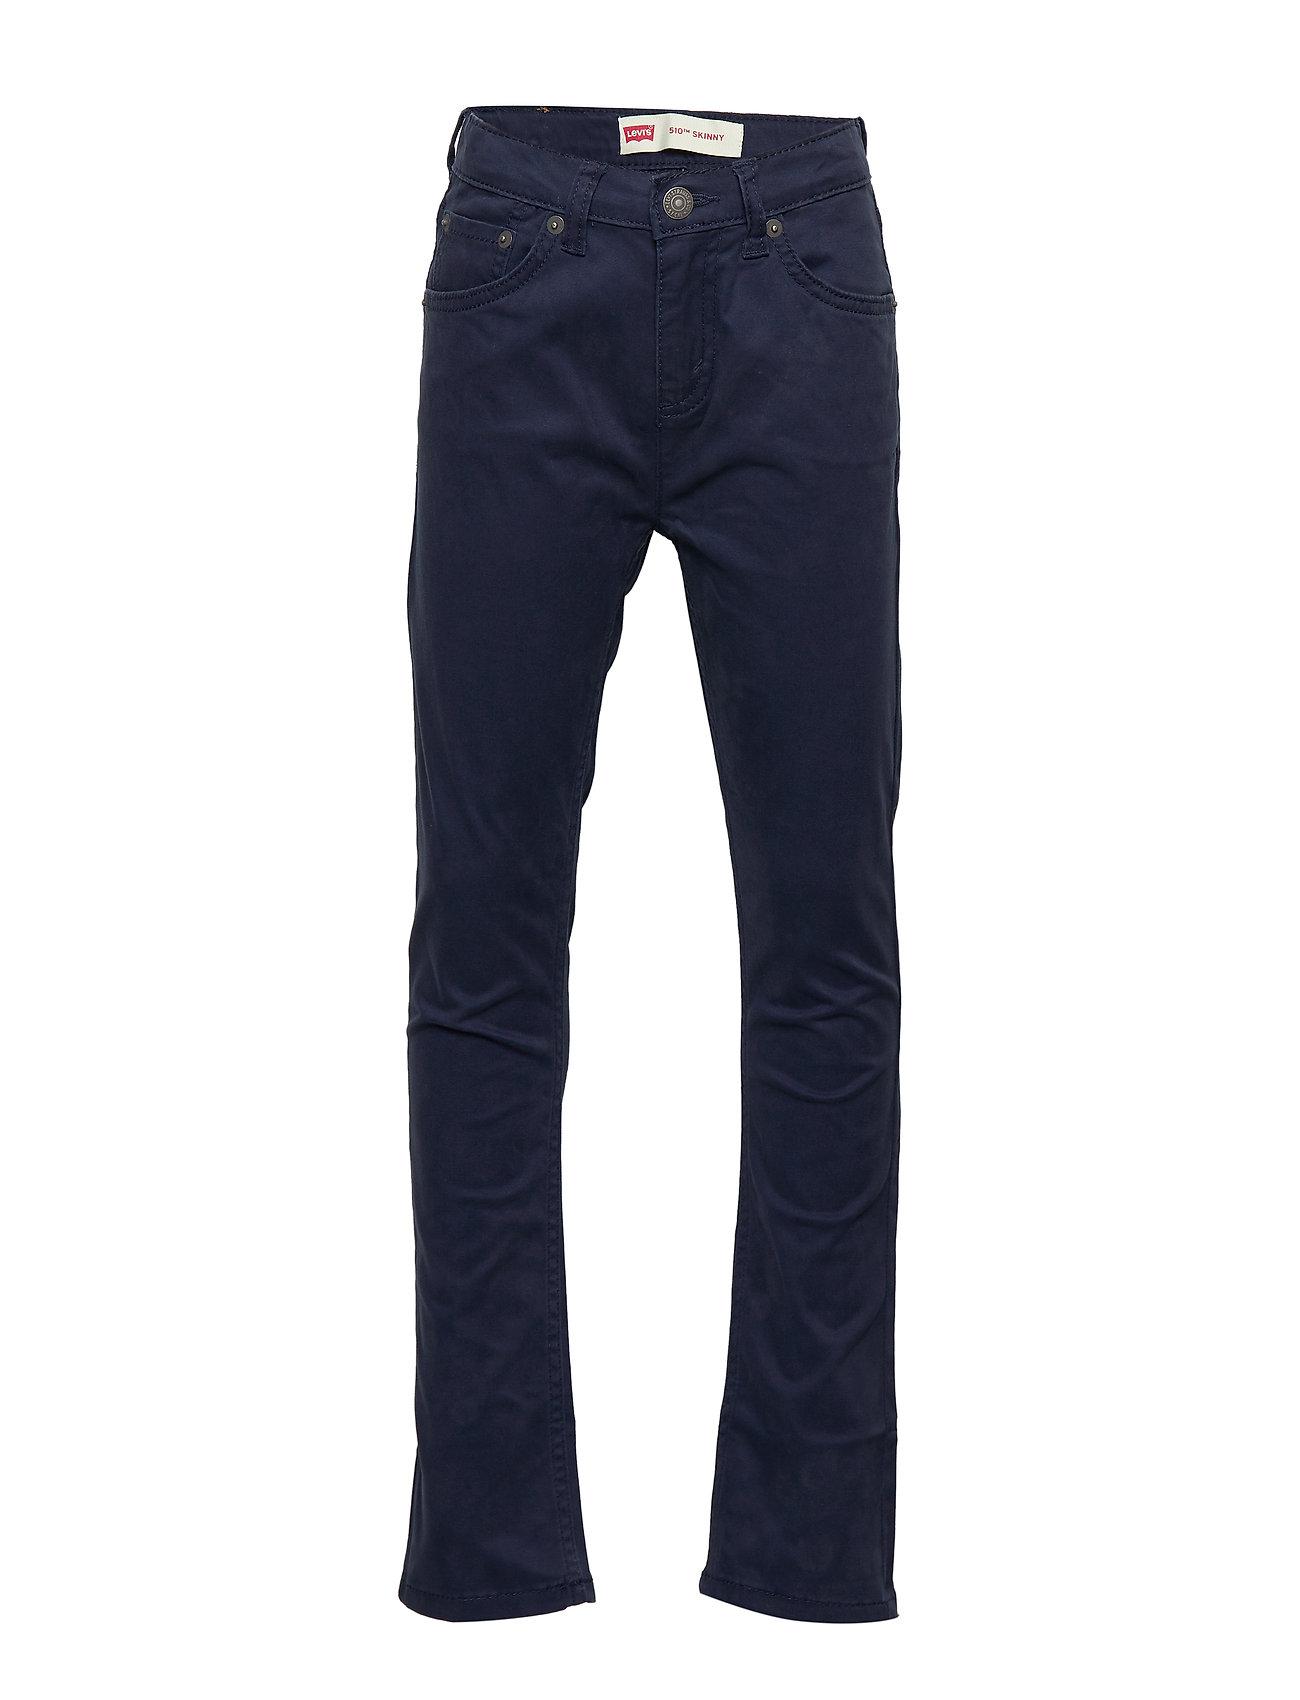 Image of Trousers Bukser Blå Levi's (3226252151)